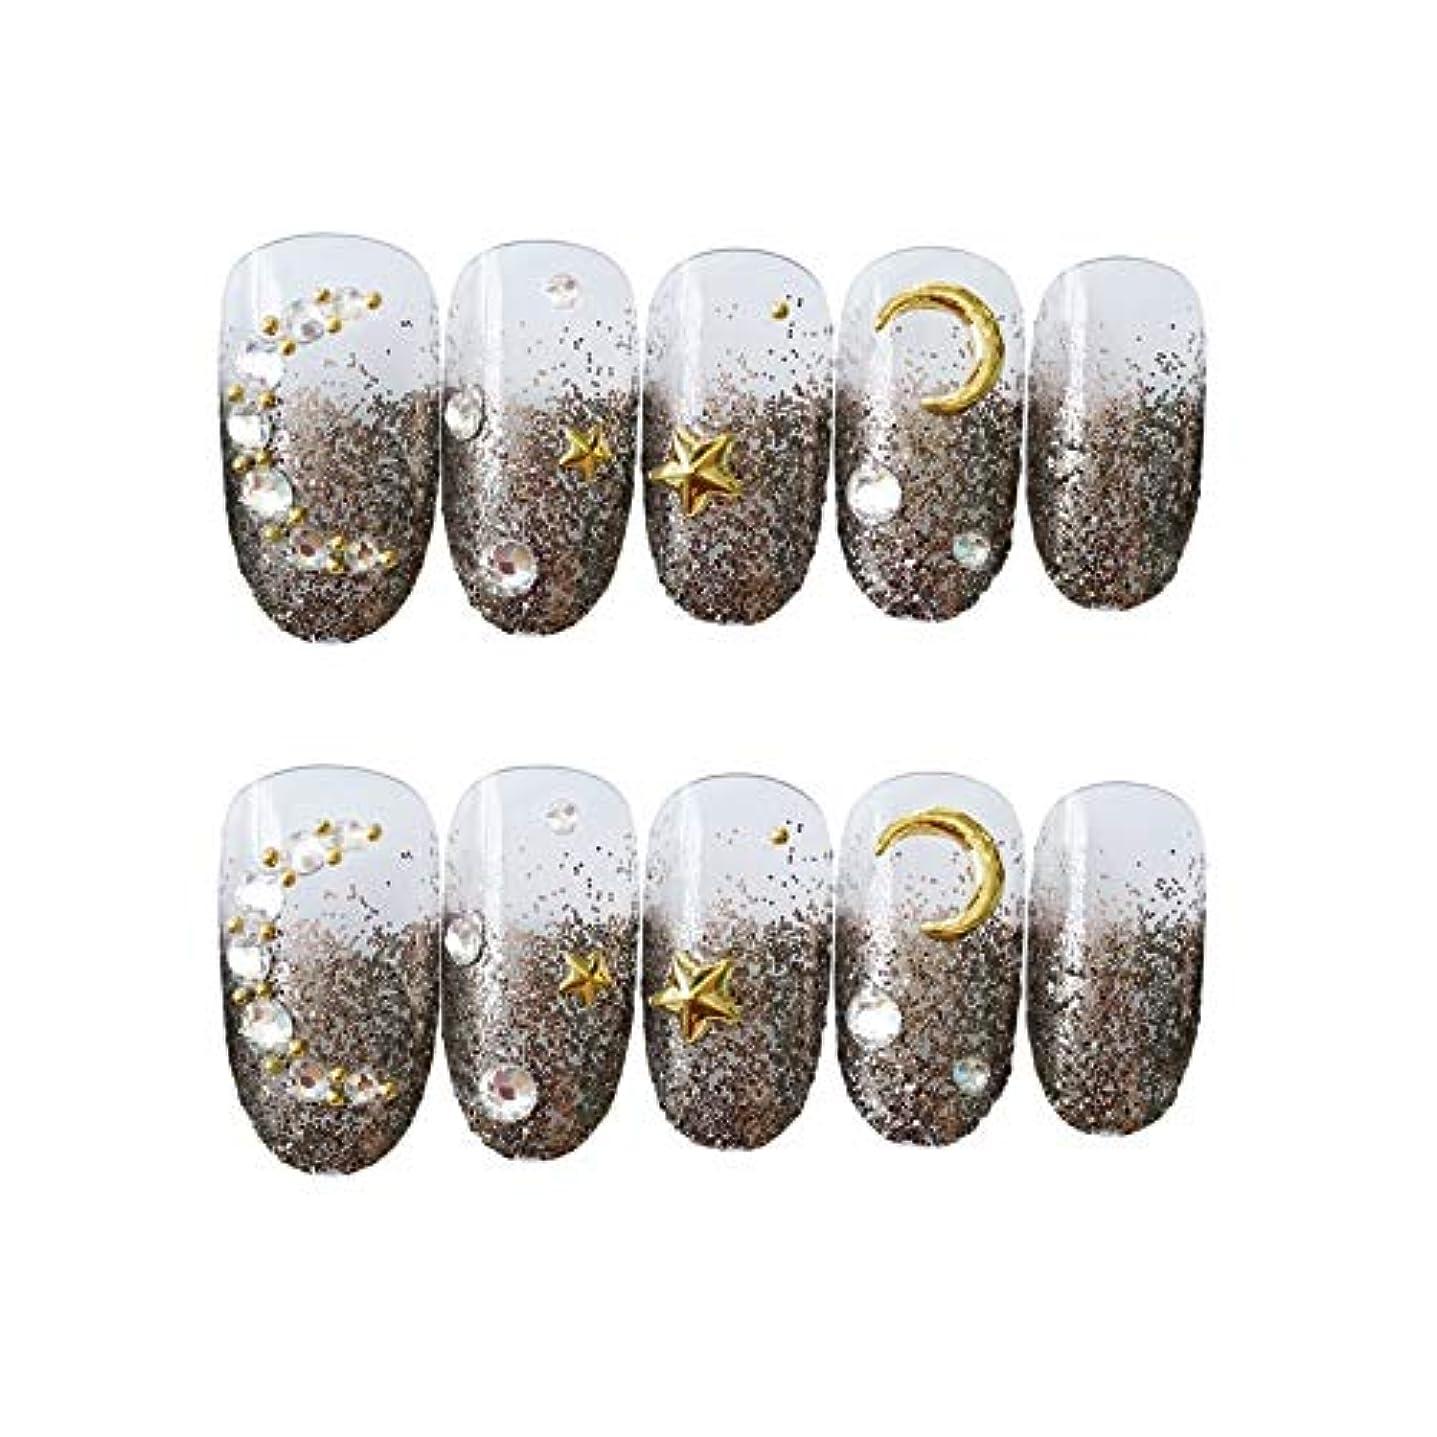 大臣見捨てるしなやかDARLE HOME 3D ネイルチップ 綺麗な飾り付け 24枚入 原宿 和風 夢幻 和装 手作りネイルチップ 結婚式ネイルチップ